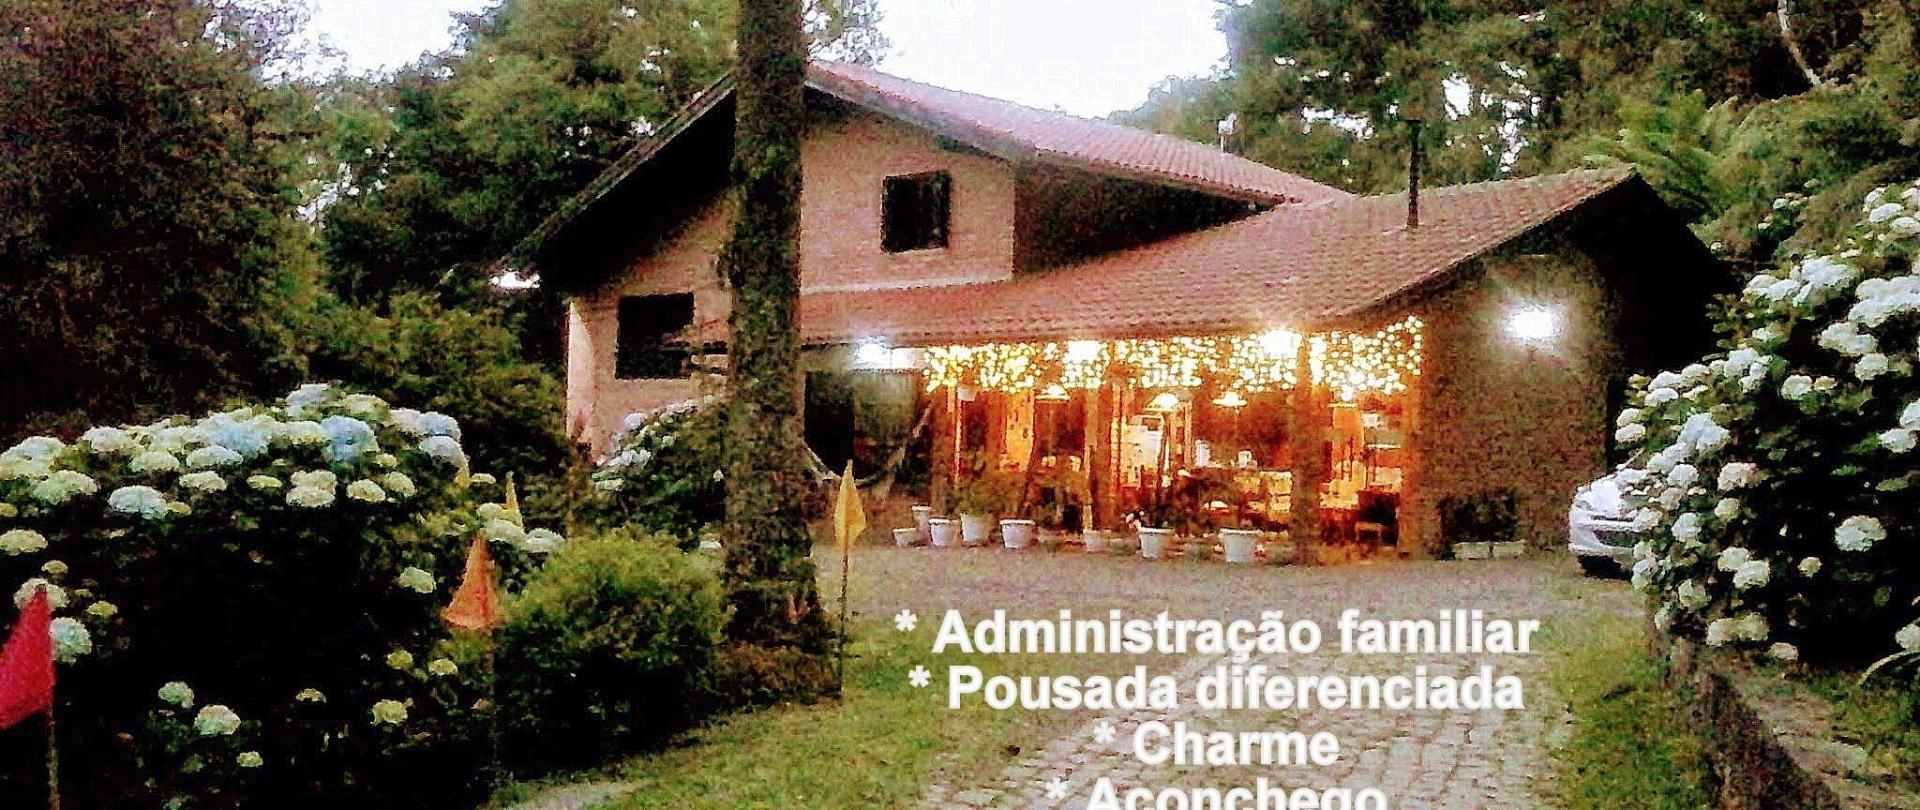 FACHADA ILUMINADA NANDA S HOUSE POUSADA SAO FRANCISCO DE PAULA-001.jpg